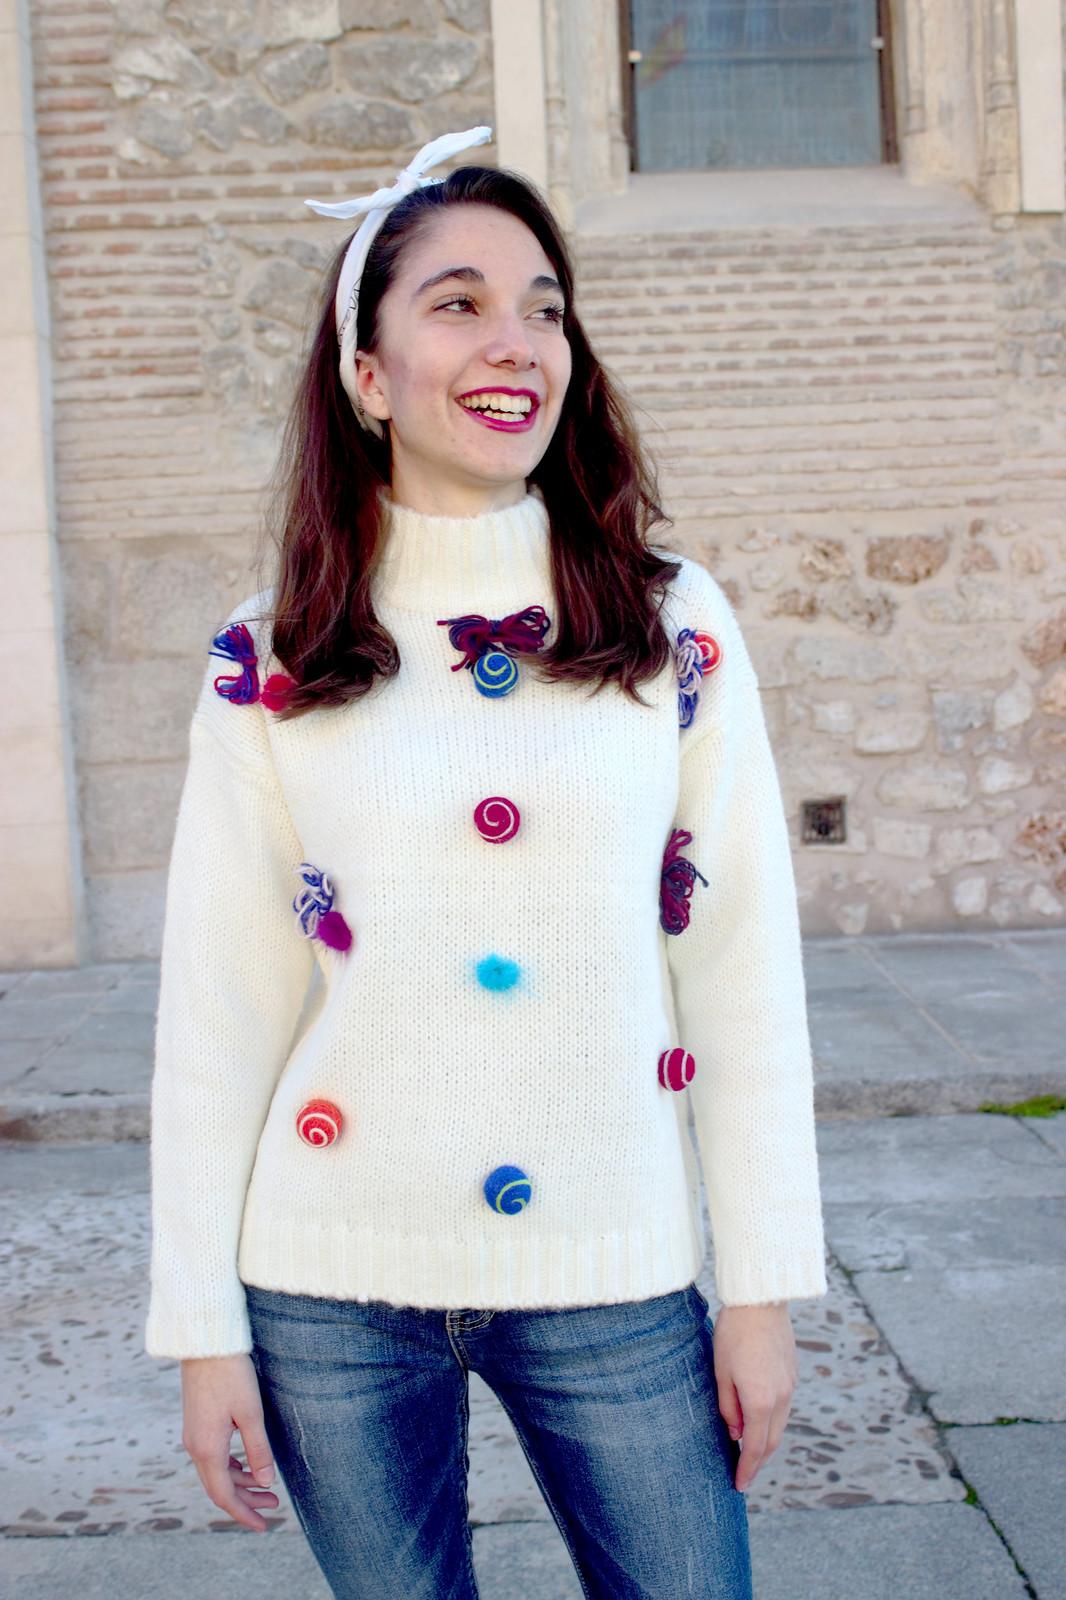 madlula-newcollection-jersey-alegría-blanco-detalles-lazos-pompones-moda